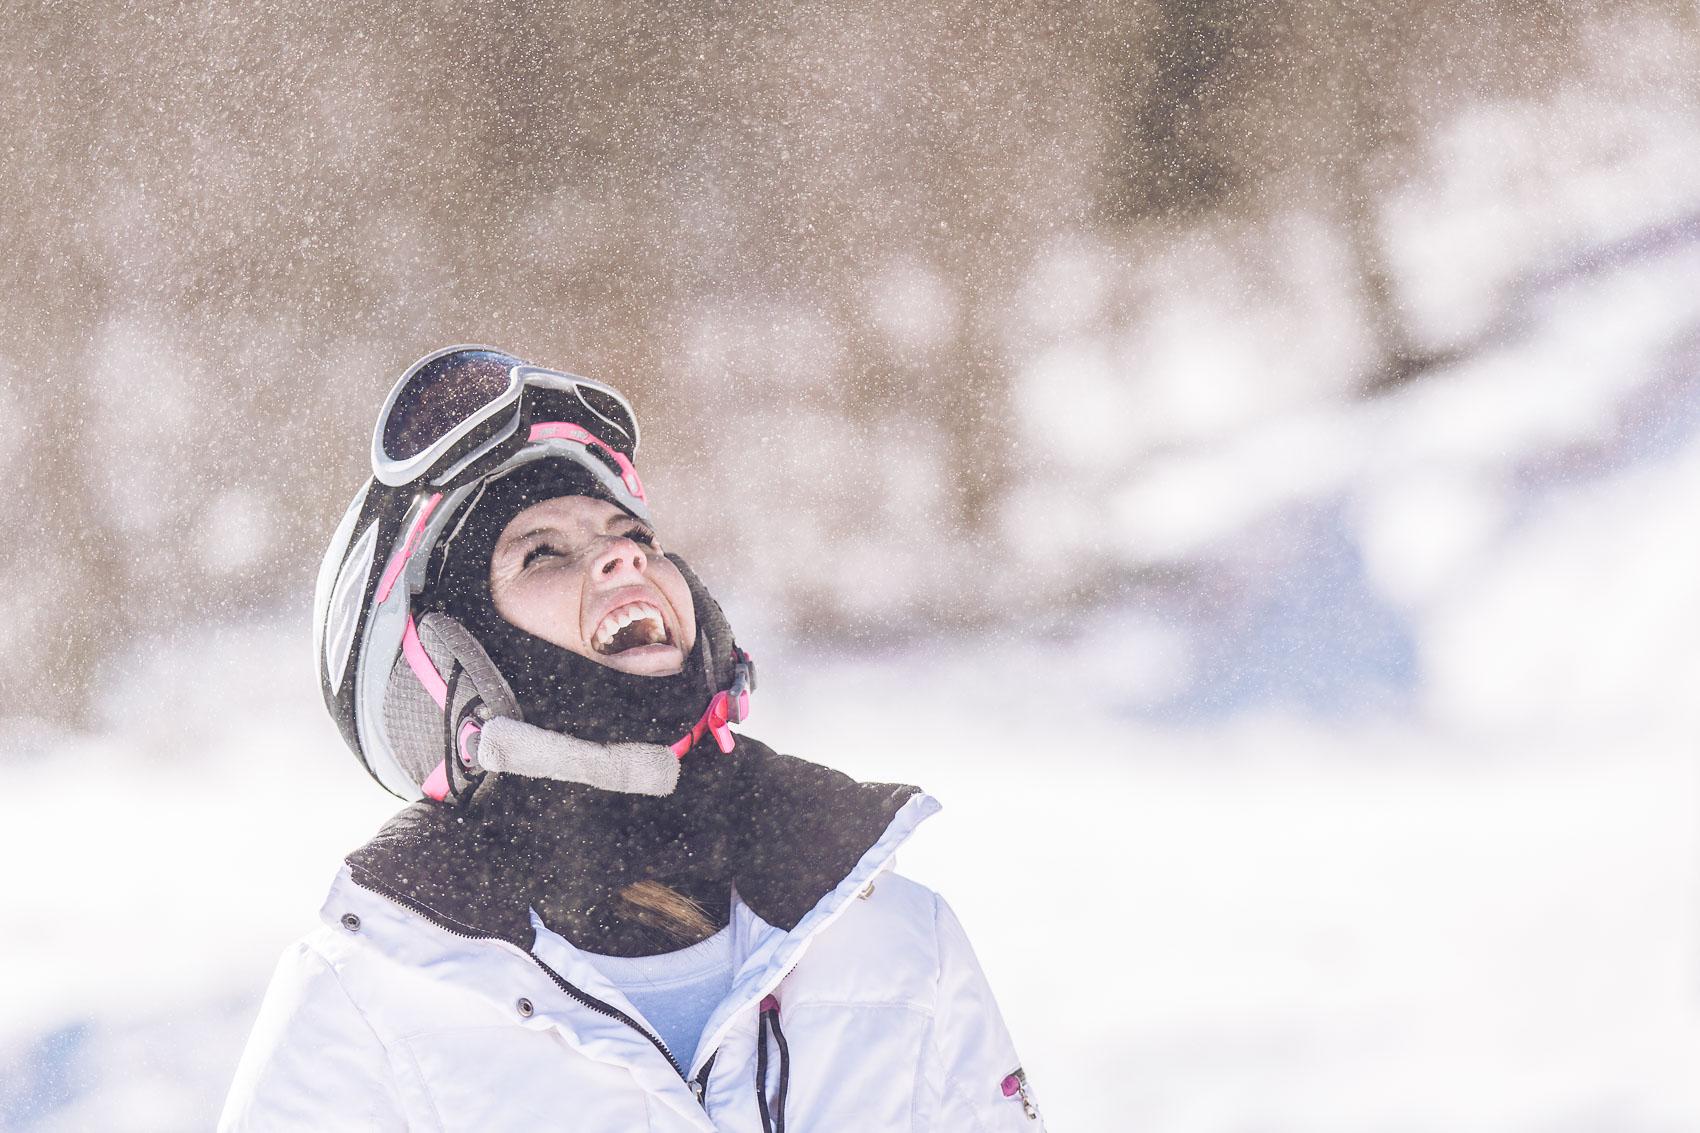 010715-ski-nc-481